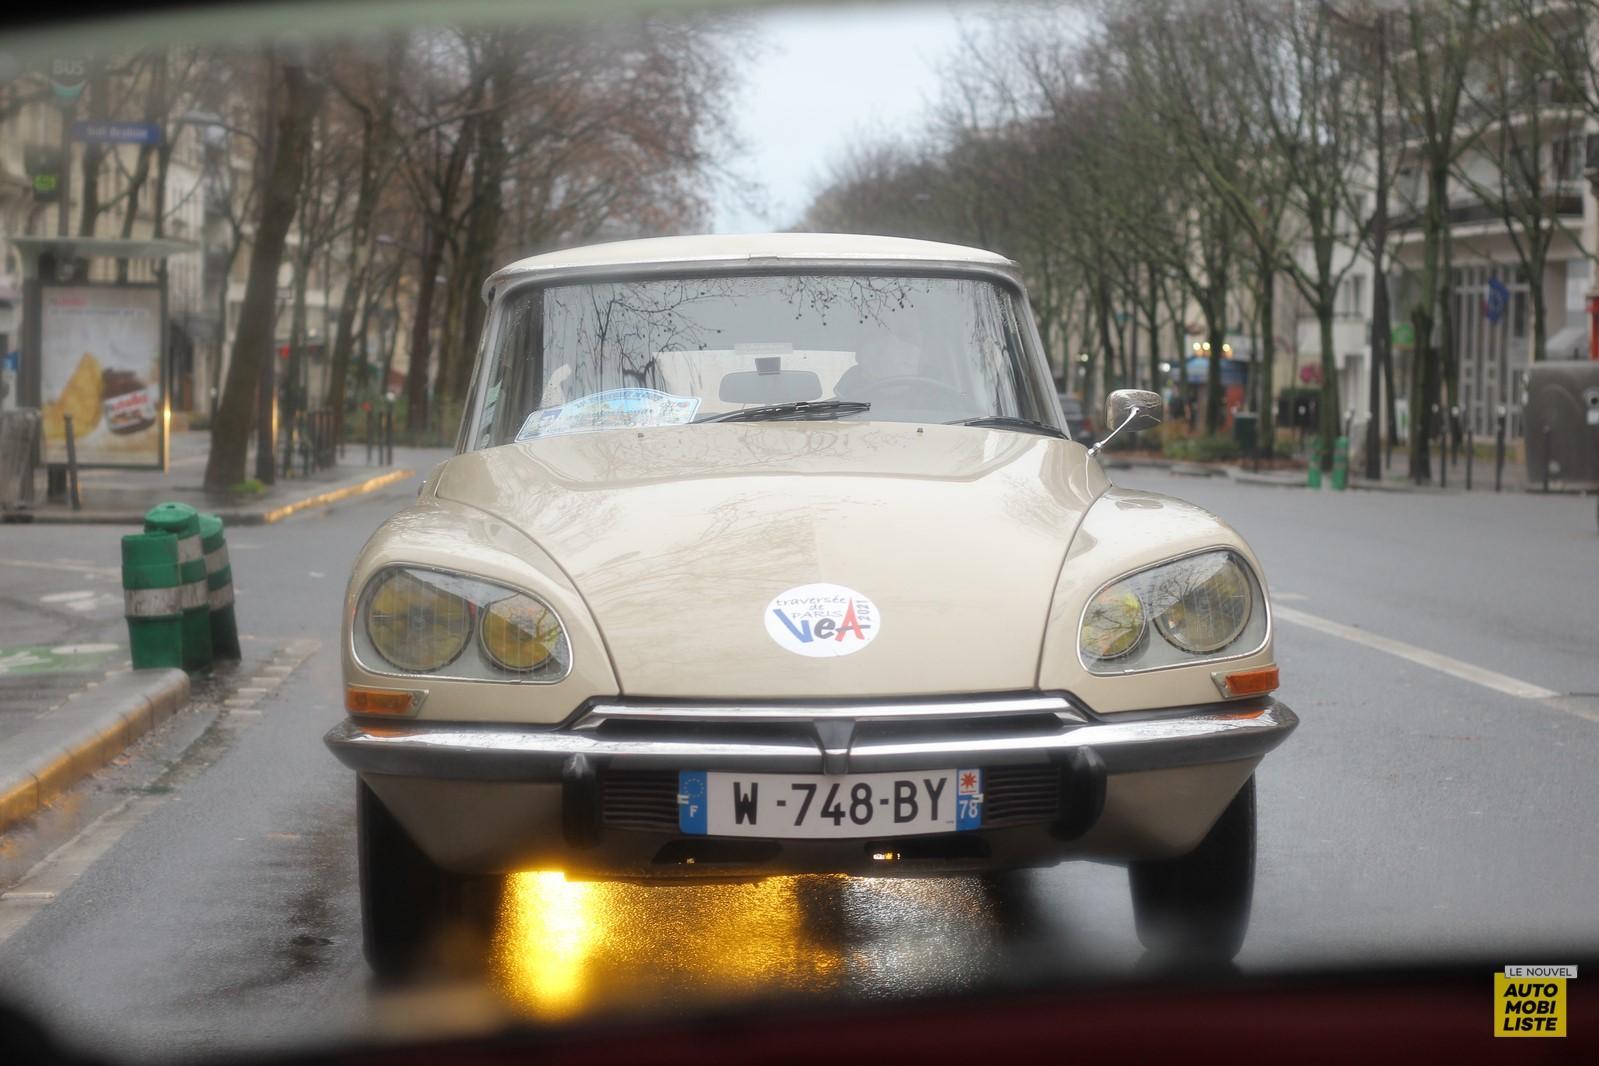 Traversee de Paris LNA Thibaut Dumoulin 3